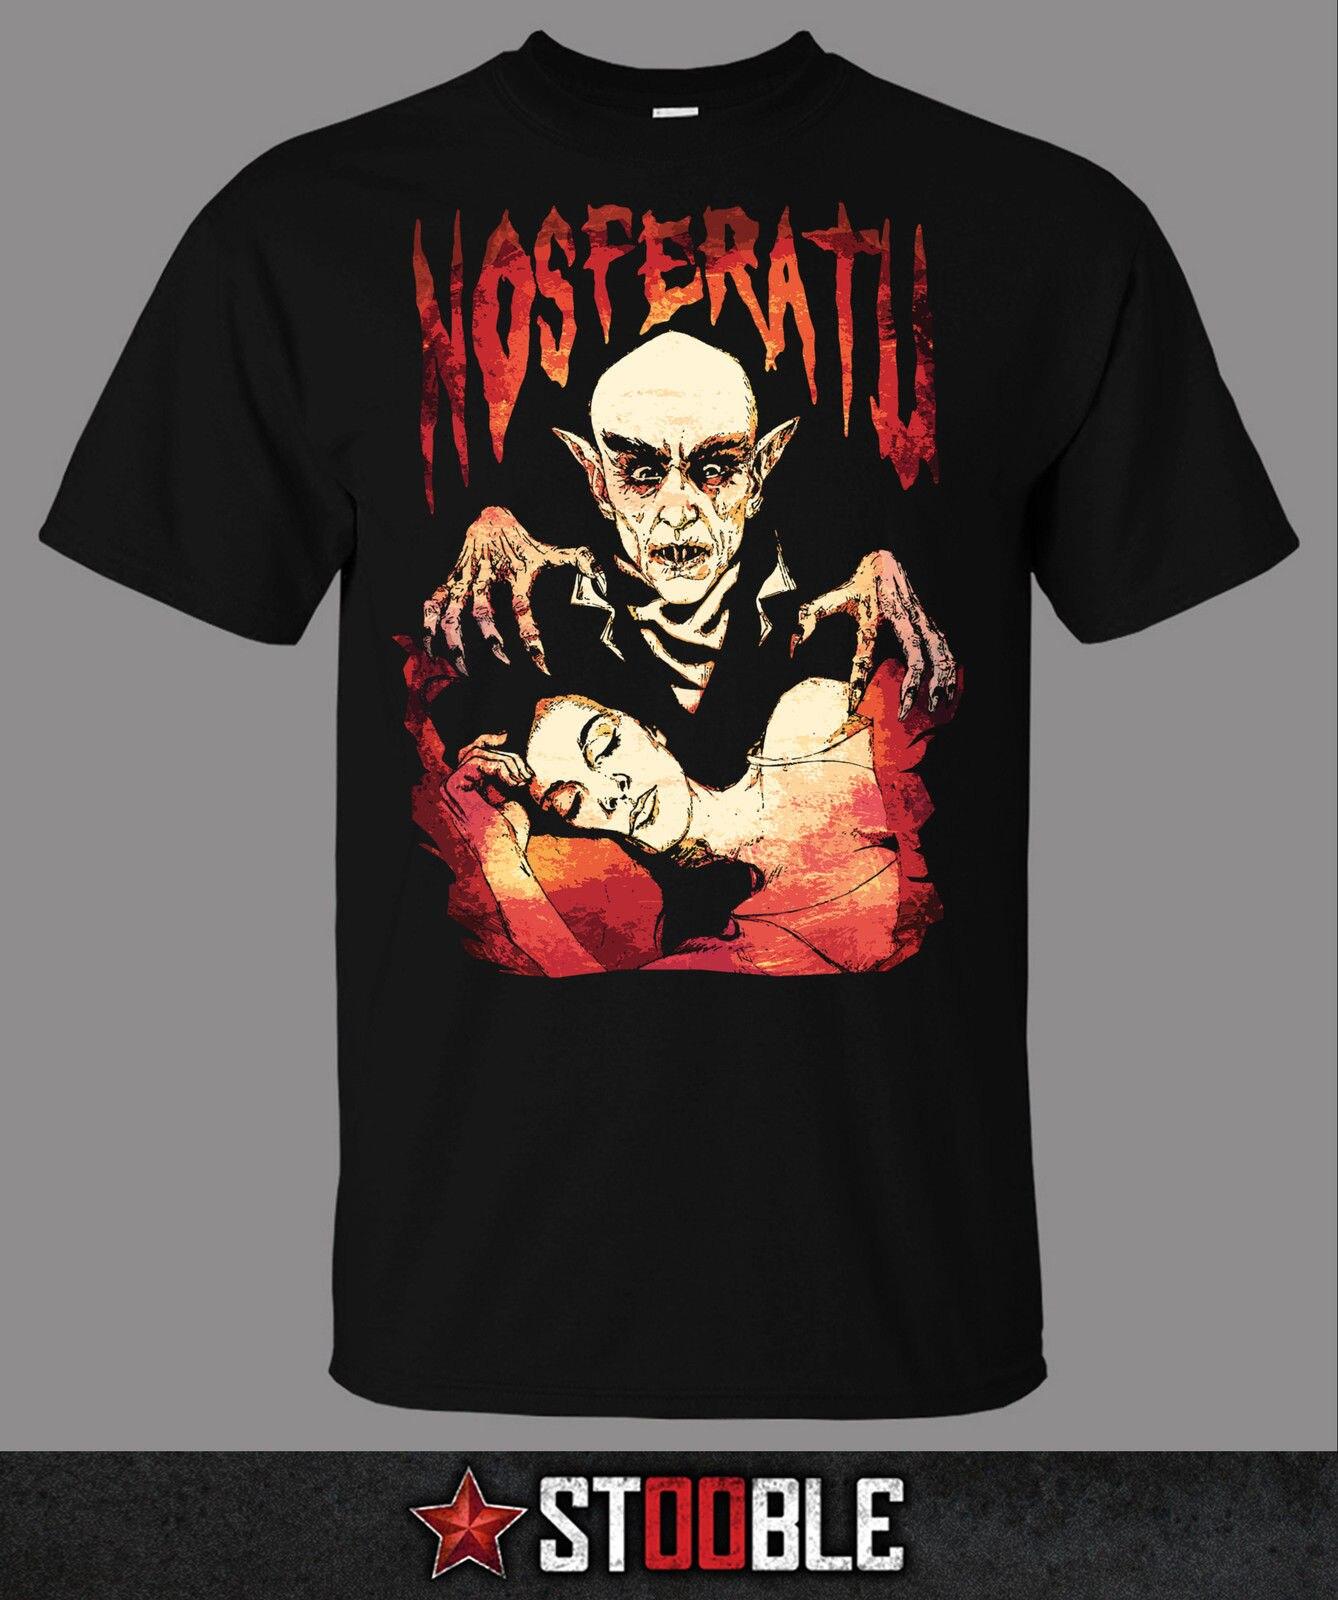 Camiseta de Nosferatu-directo de las nuevas camisetas de inventario camisetas divertidas camisetas nuevas Unisex divertida impresión Casual de alta calidad